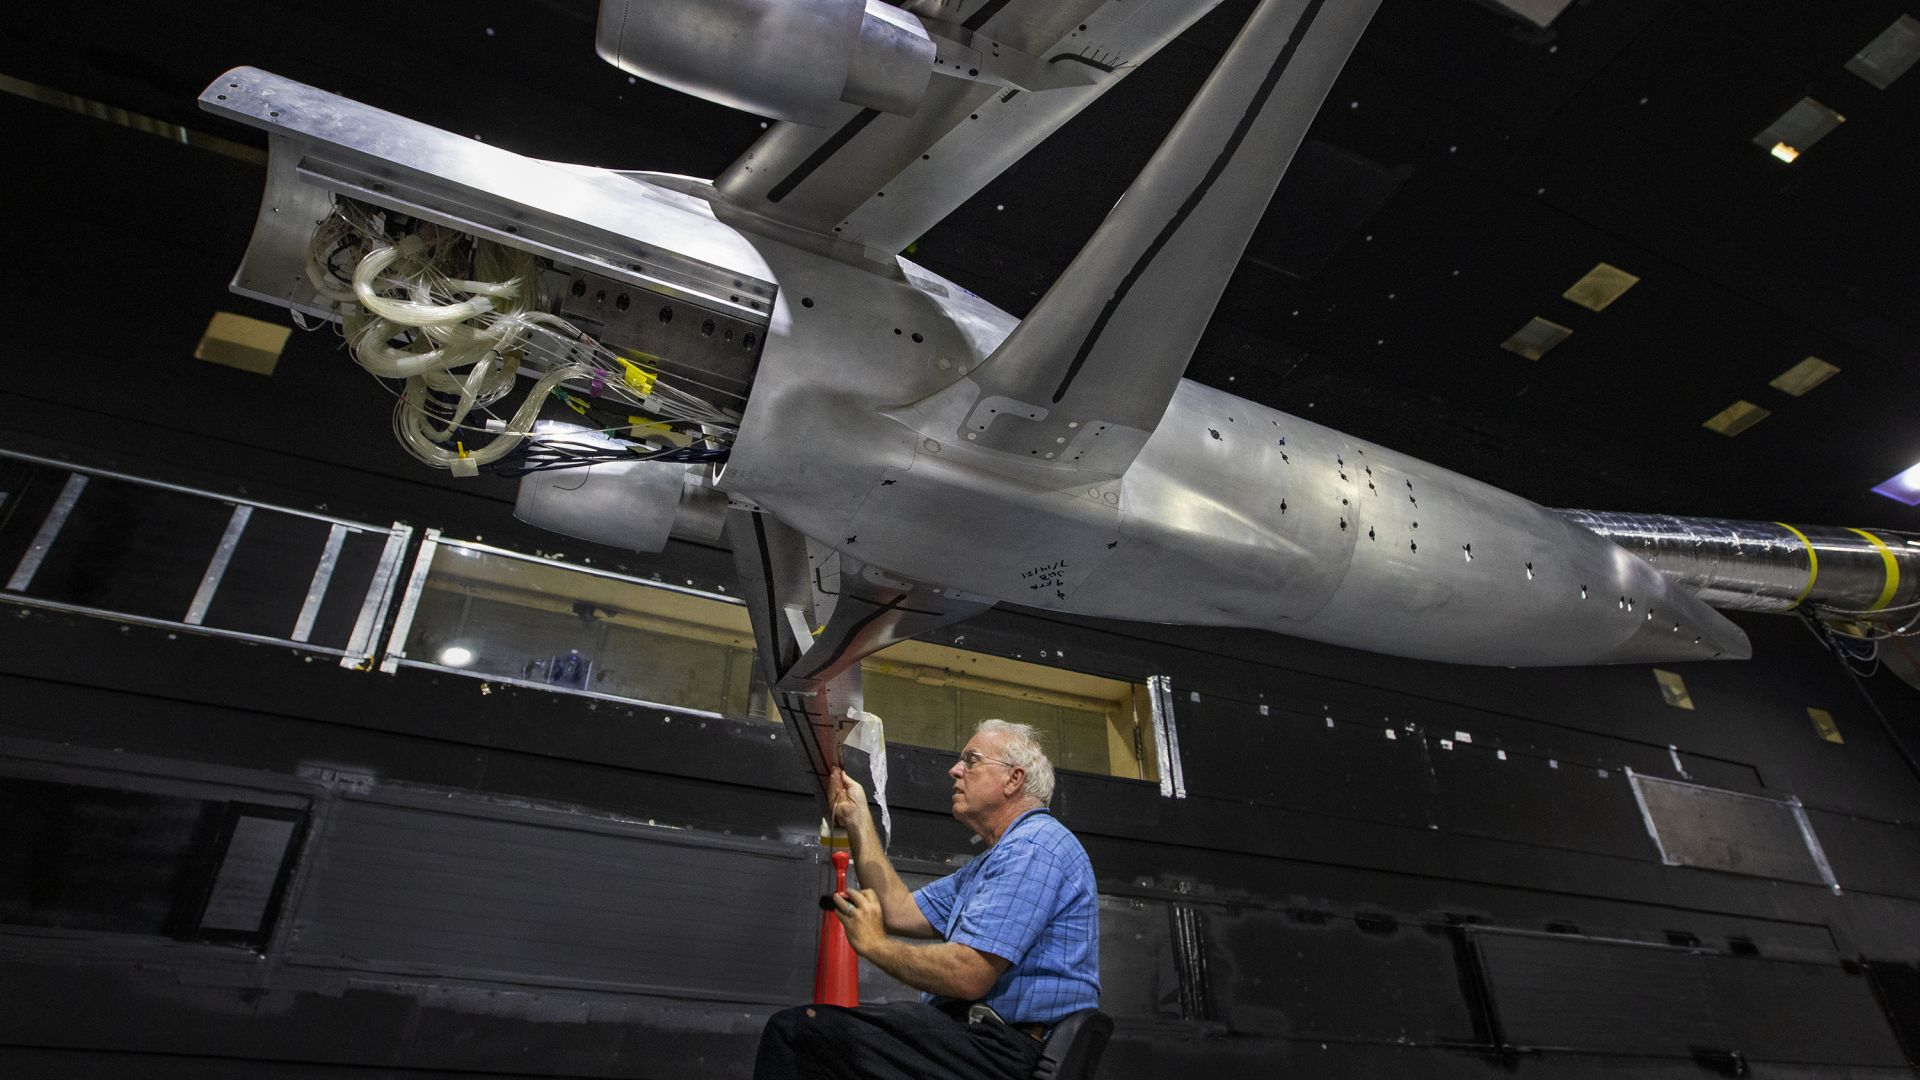 НАСА тества икономичен реактивен самолет